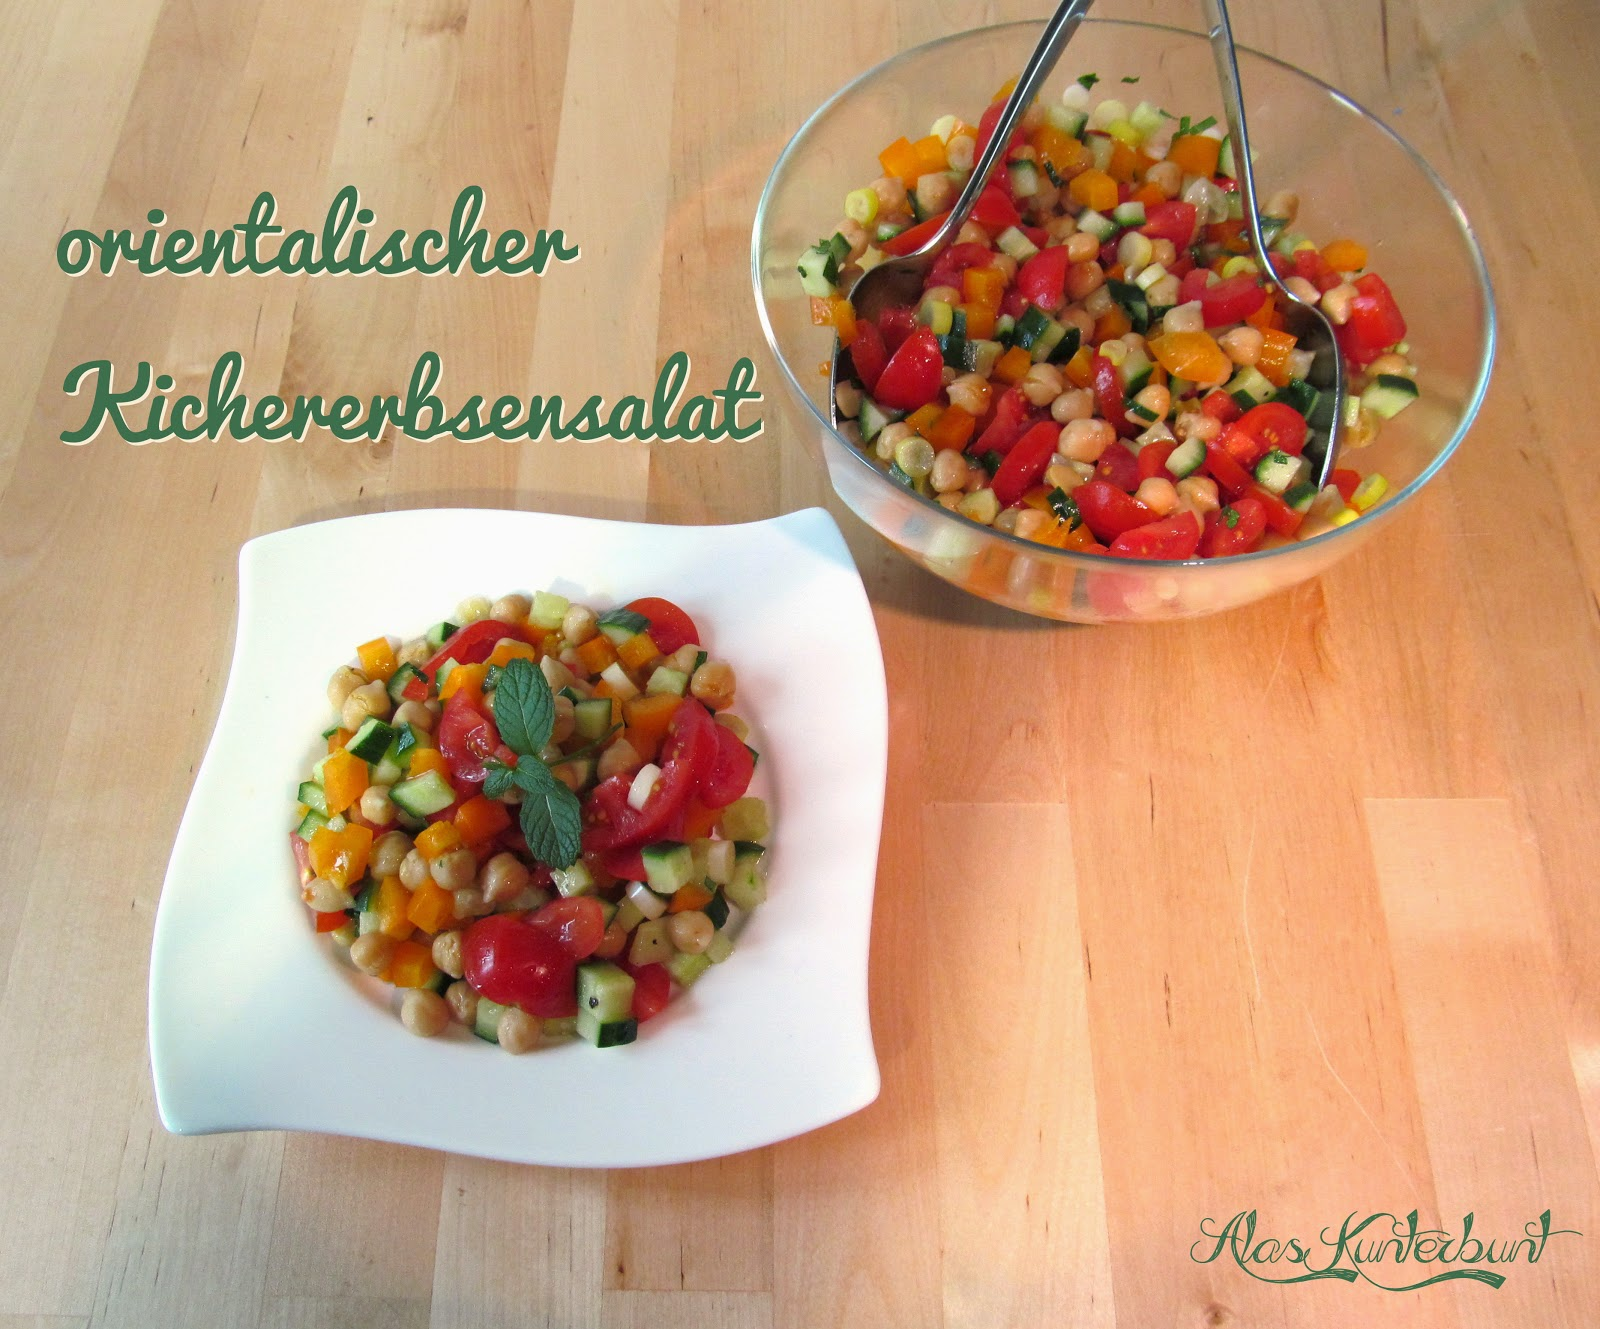 orientalischer Kichererbsensalat | Ala's Kunterbunt lecker und erfrischend!